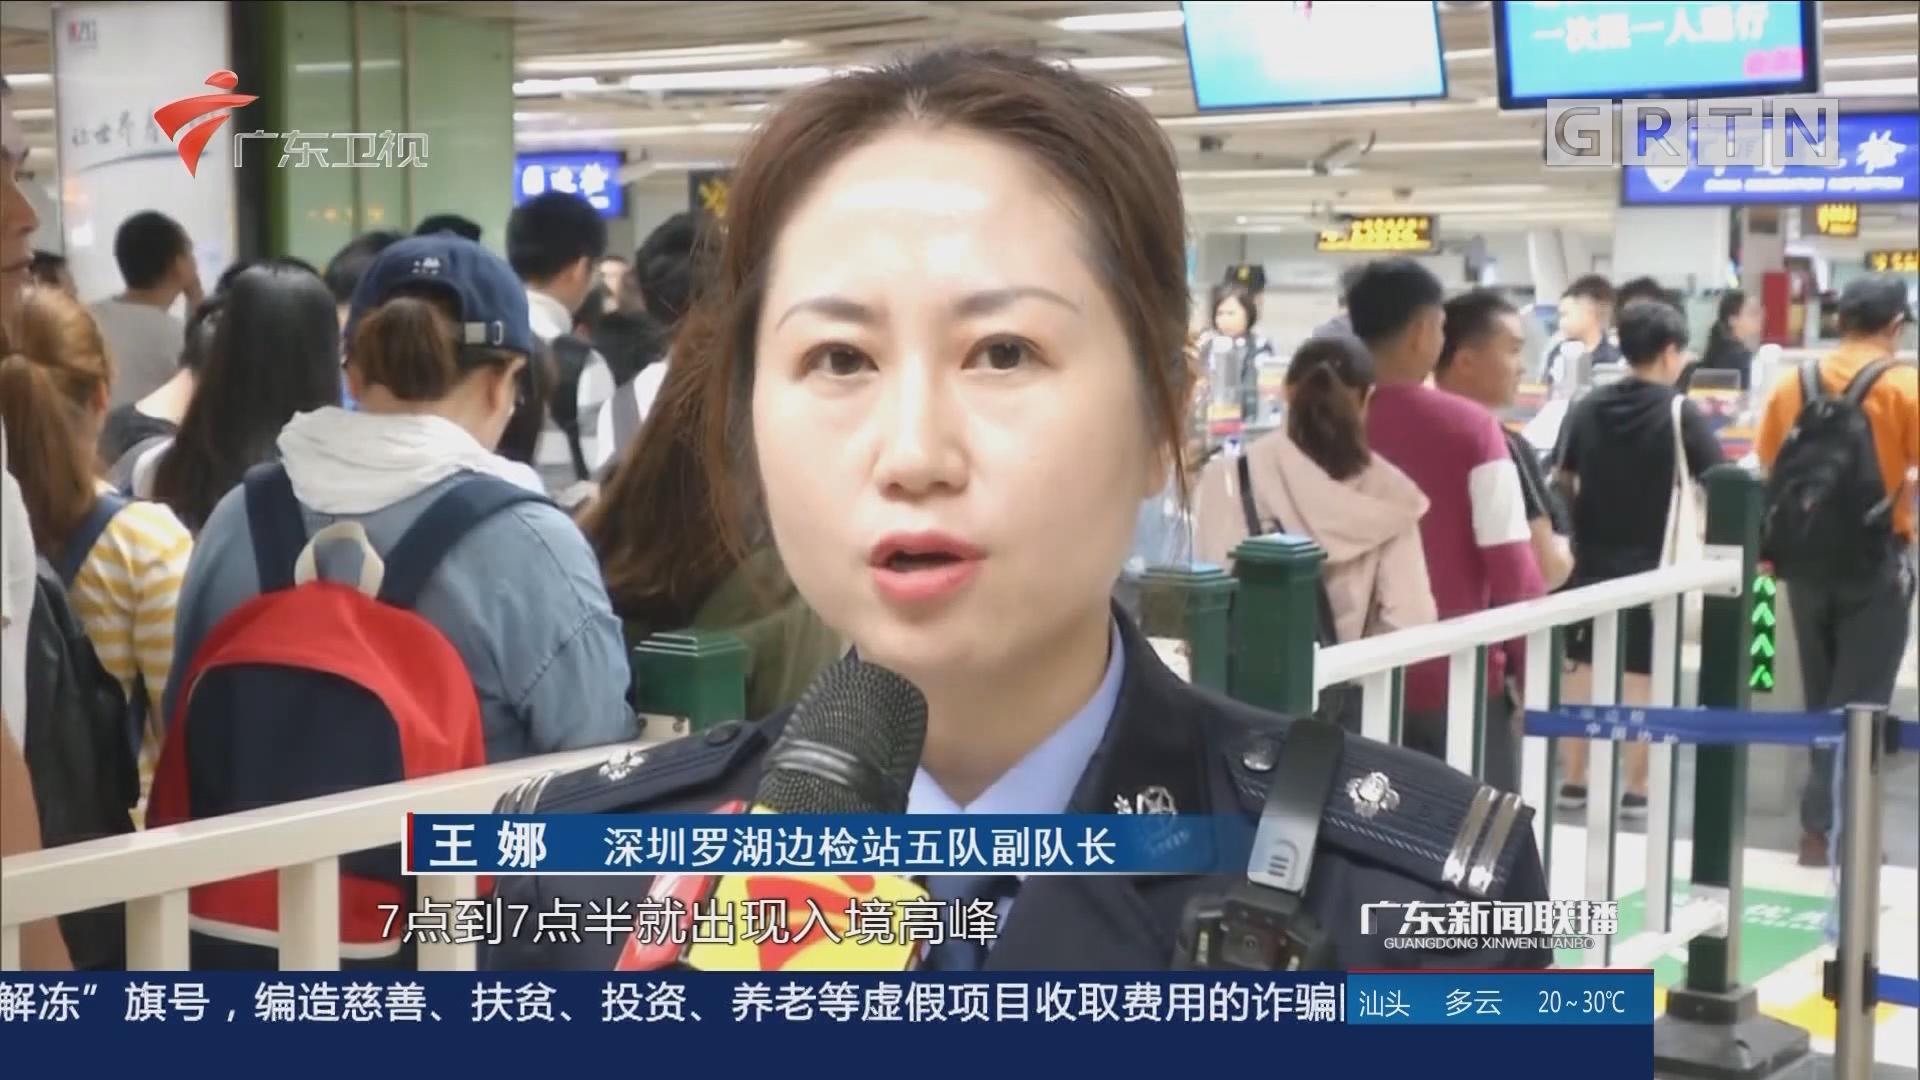 深圳罗湖口岸迎清明节出入境客流高峰